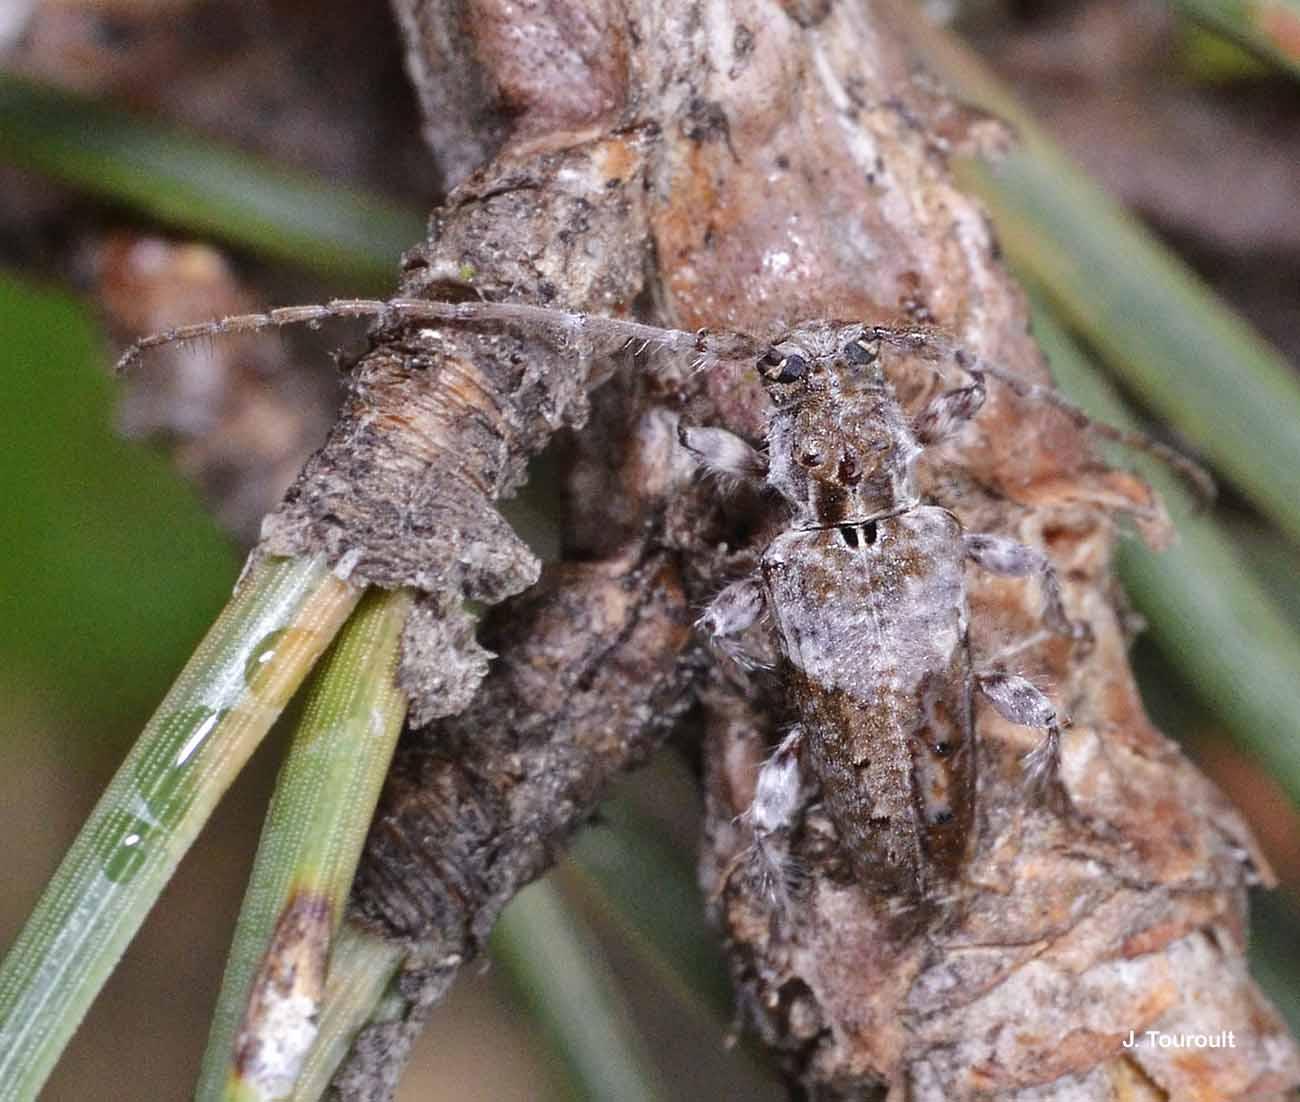 Pogonocherus perroudi